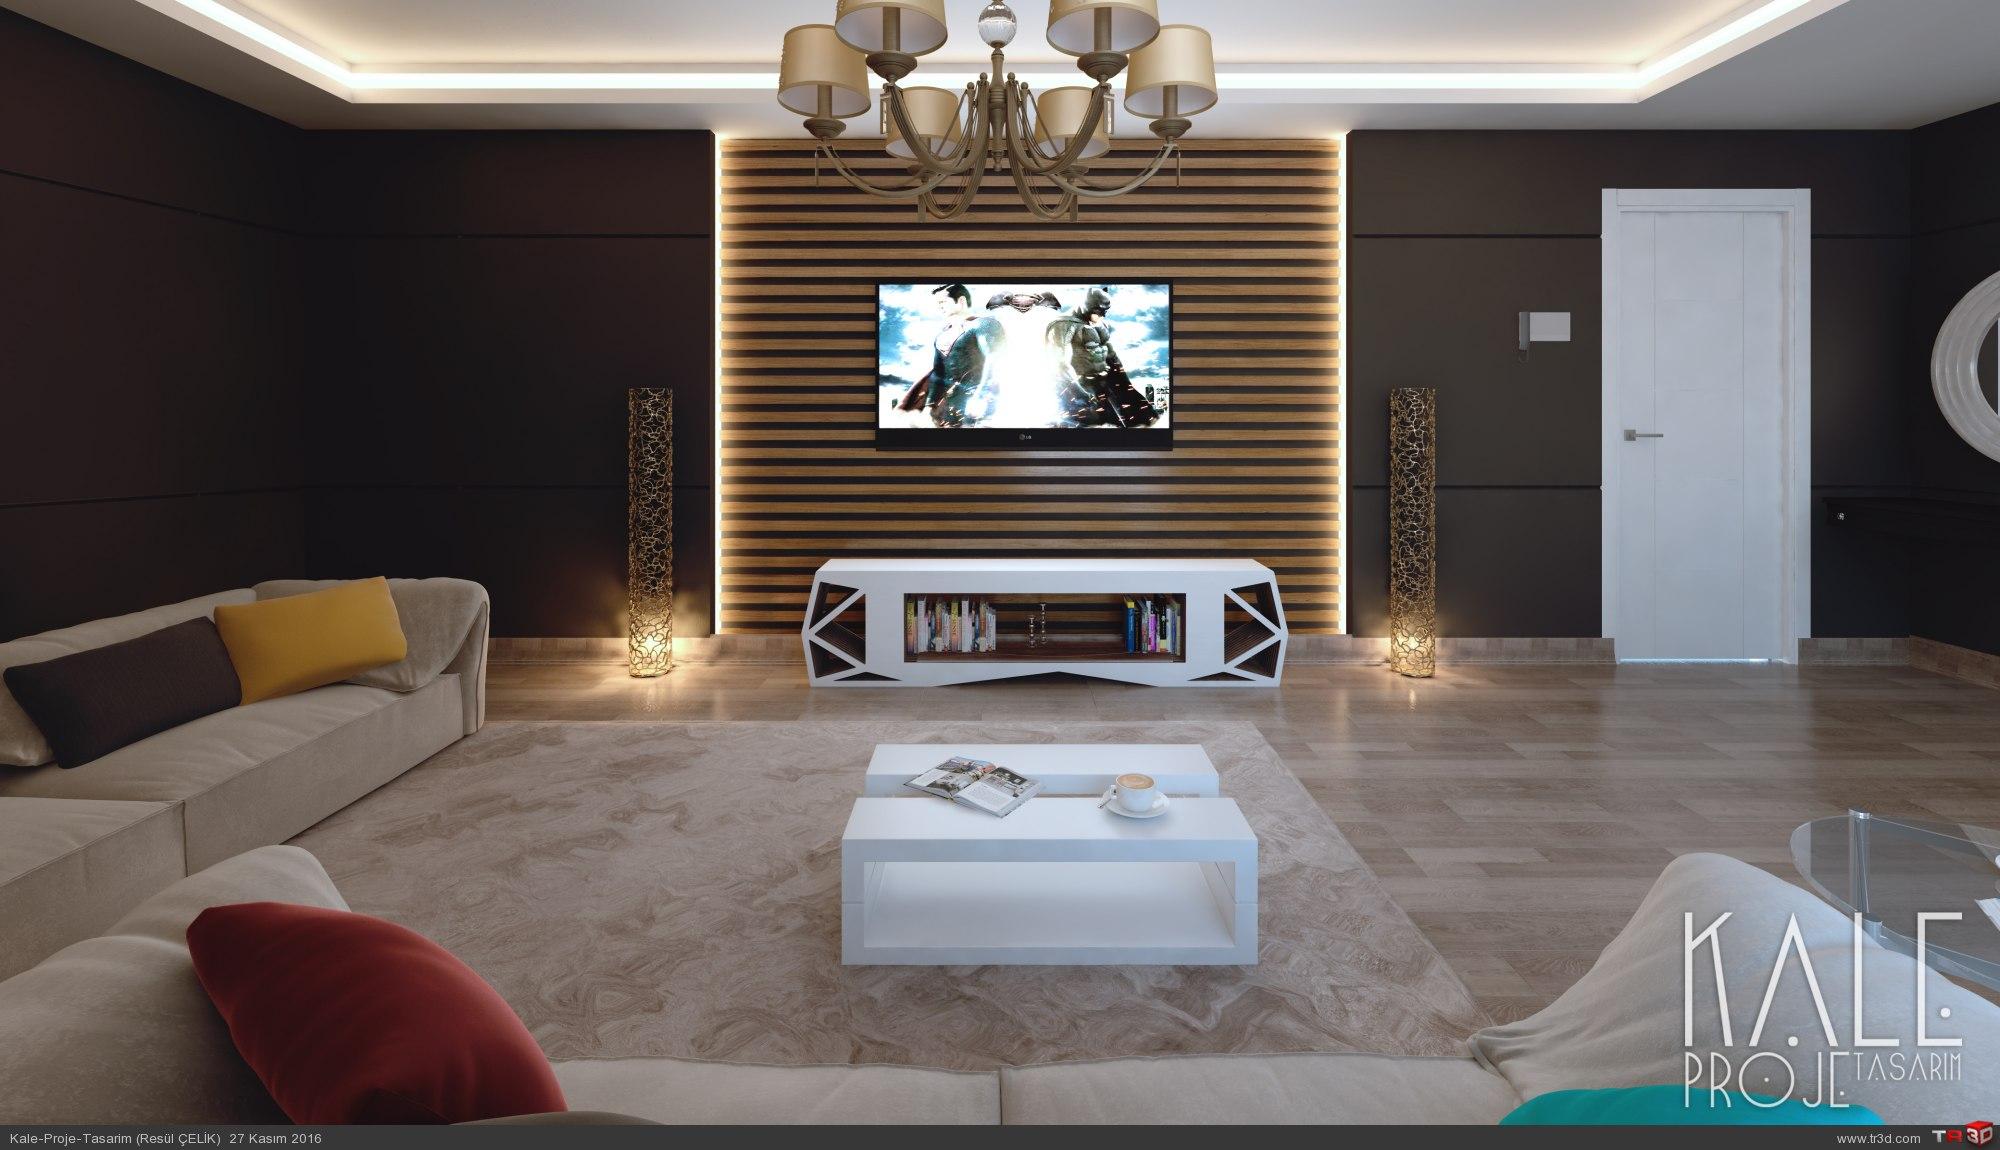 Çanakkale 2016 2+1 Salon + Mutfak tasarımı. 2